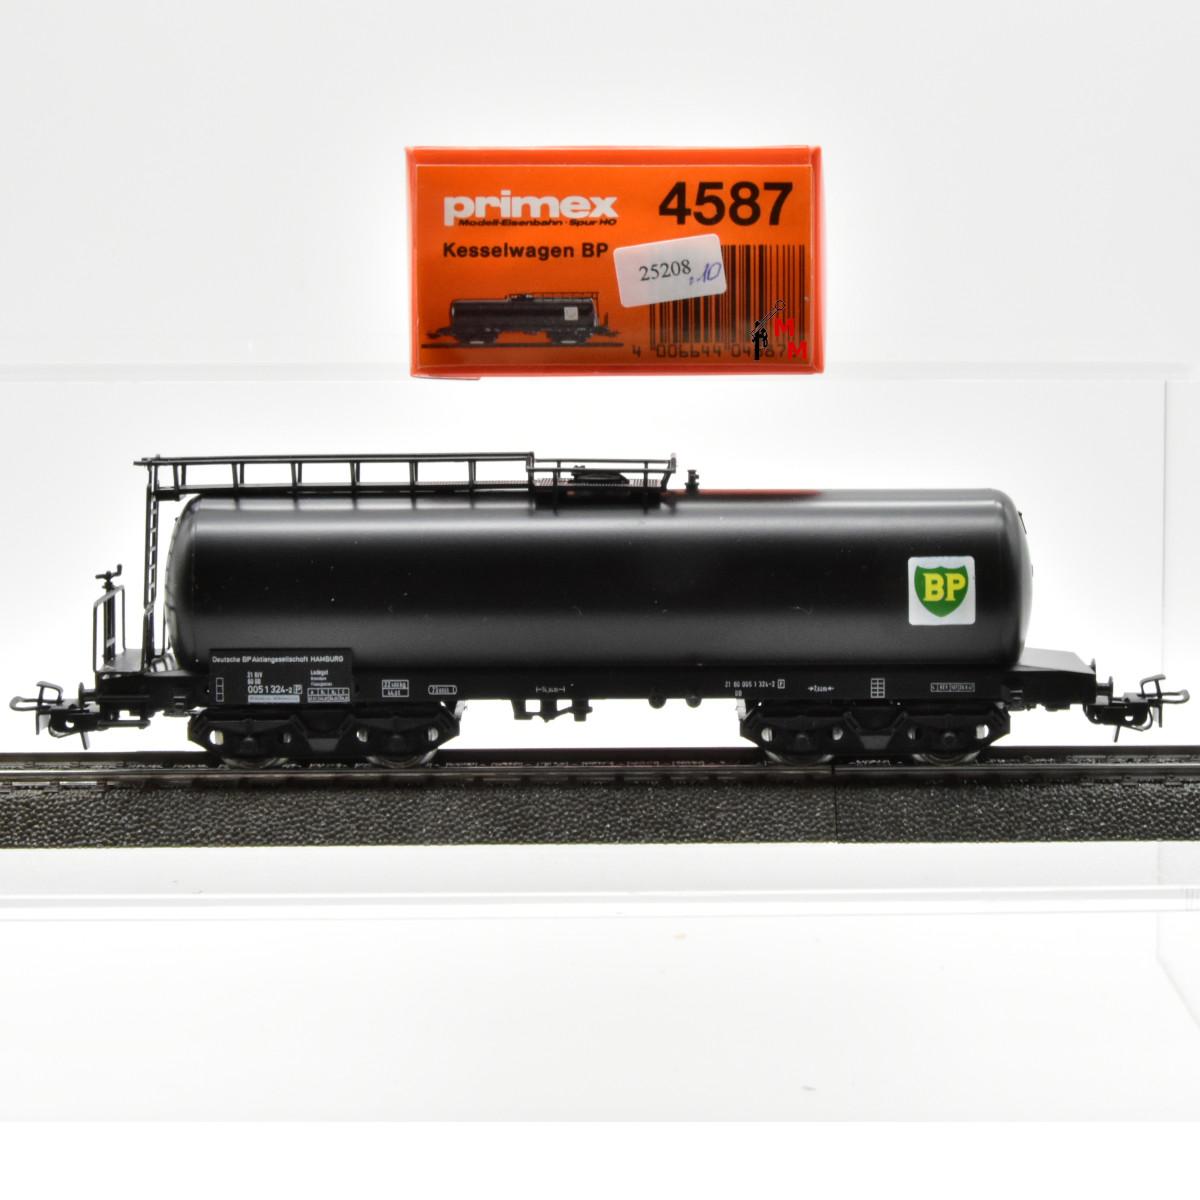 Primex 4587.10 Kesselwagen BP, (25208)